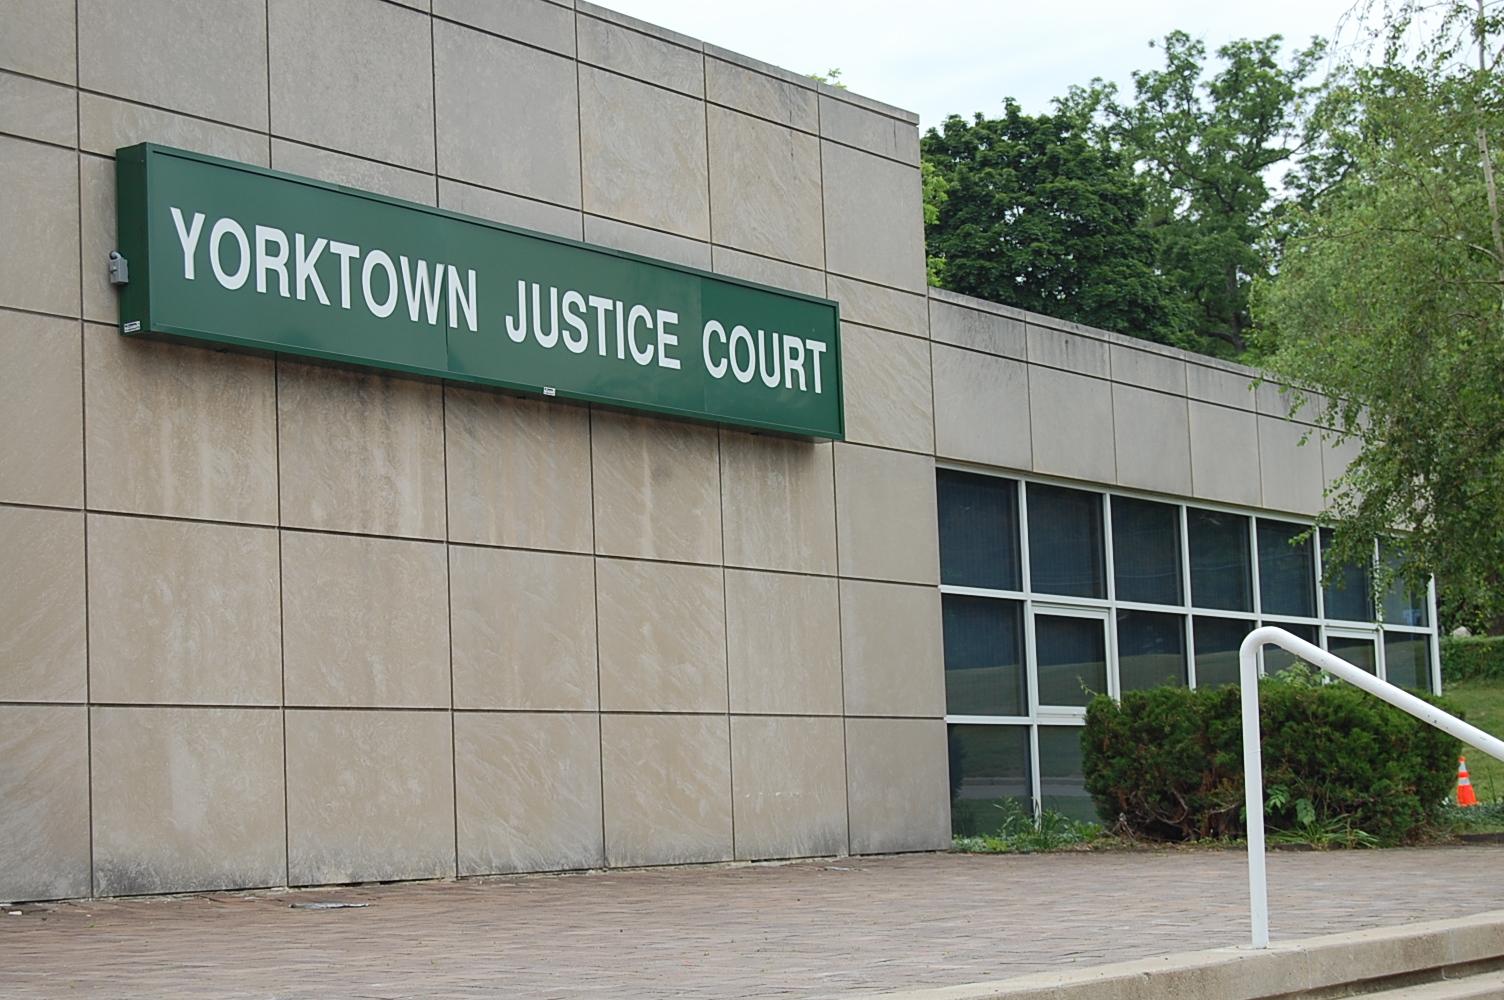 yorktown.JPG